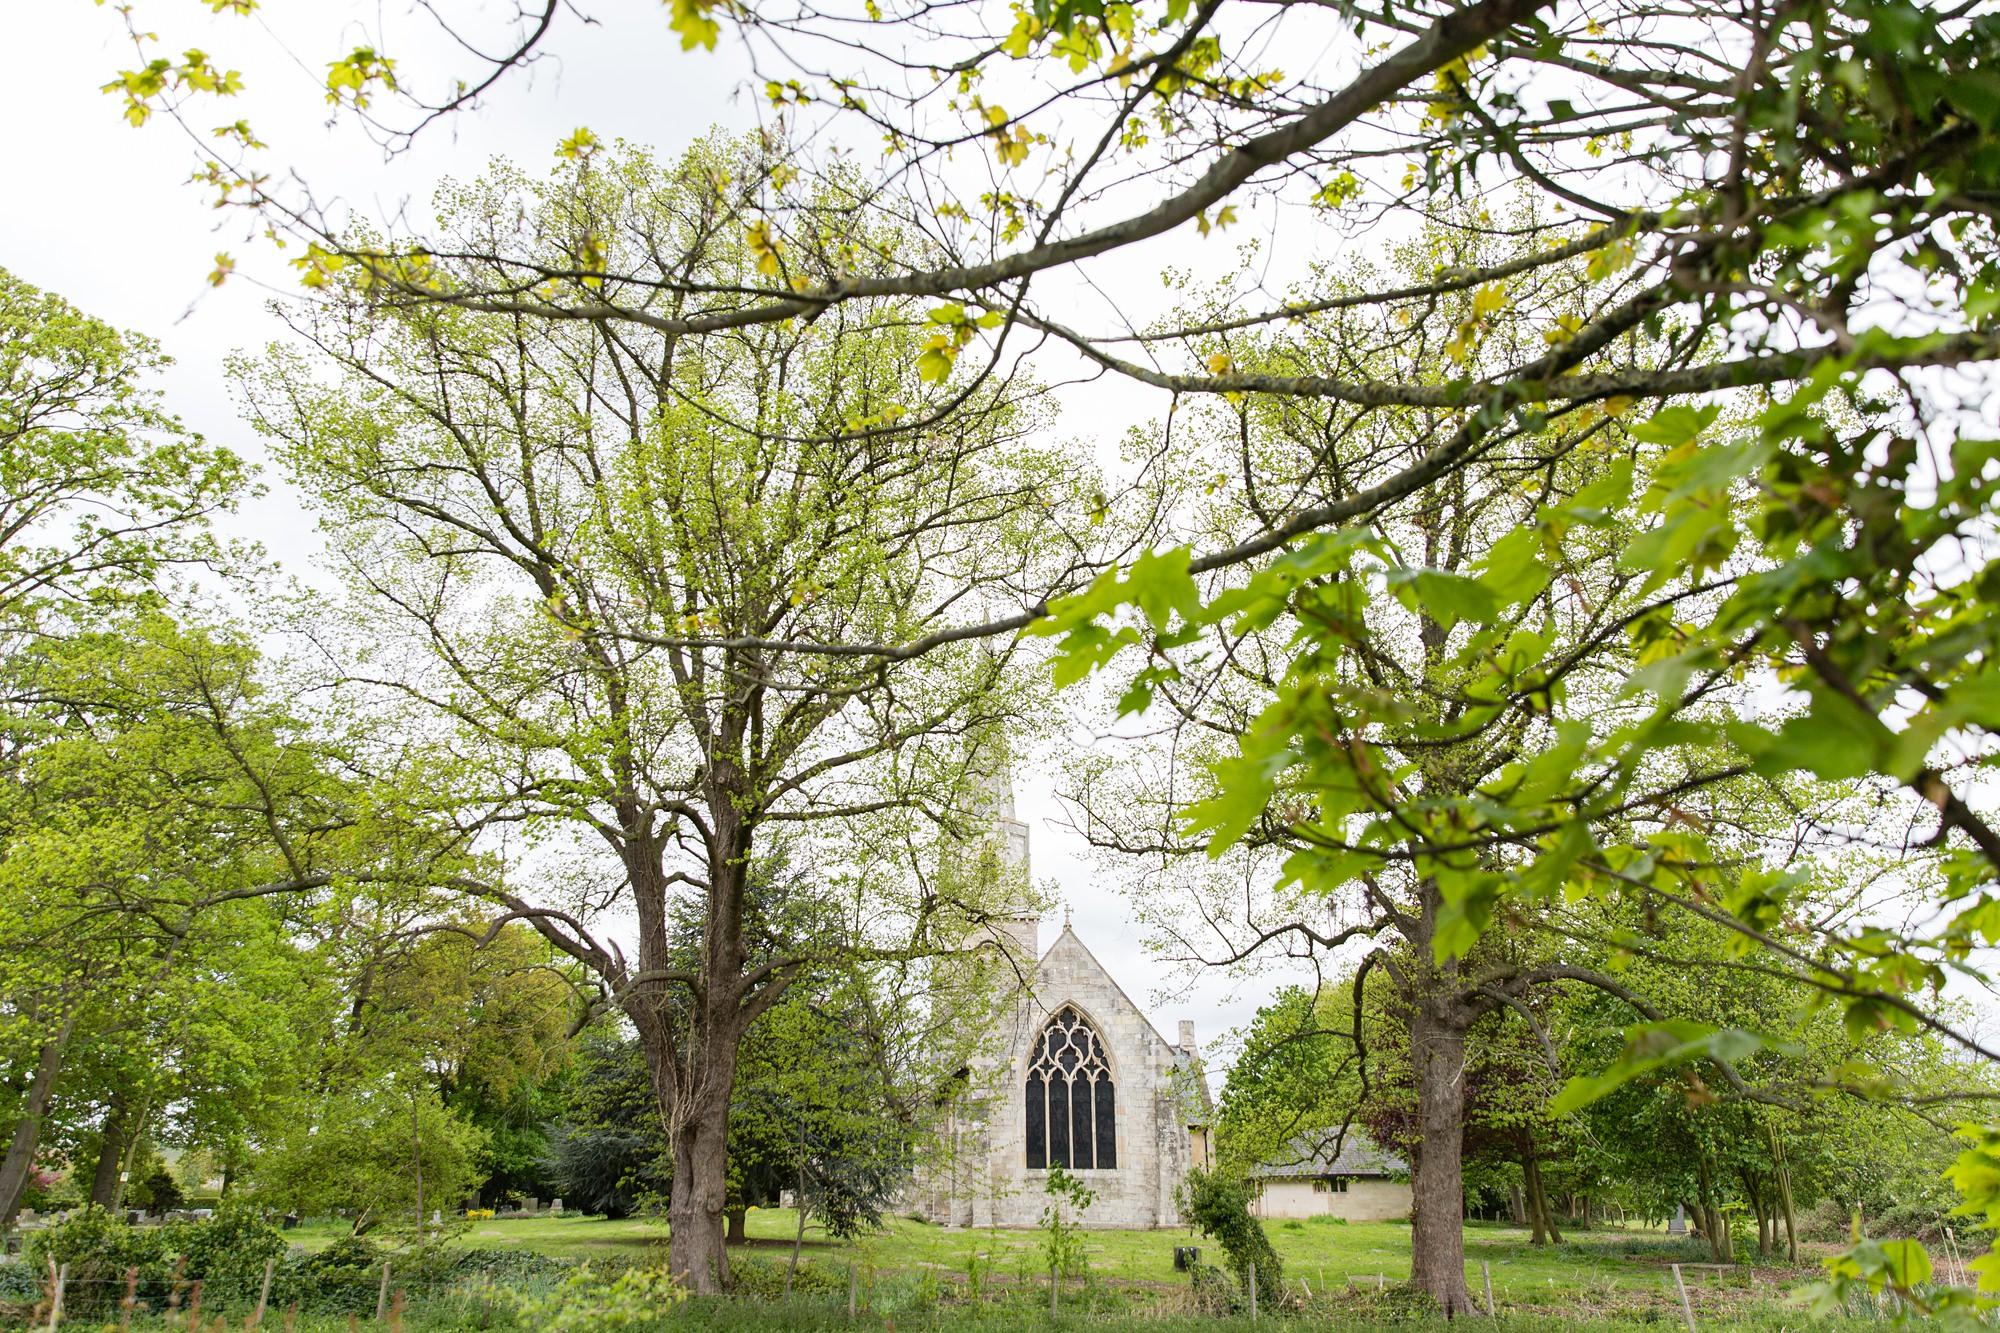 St. Wilfred's Church in Brayton